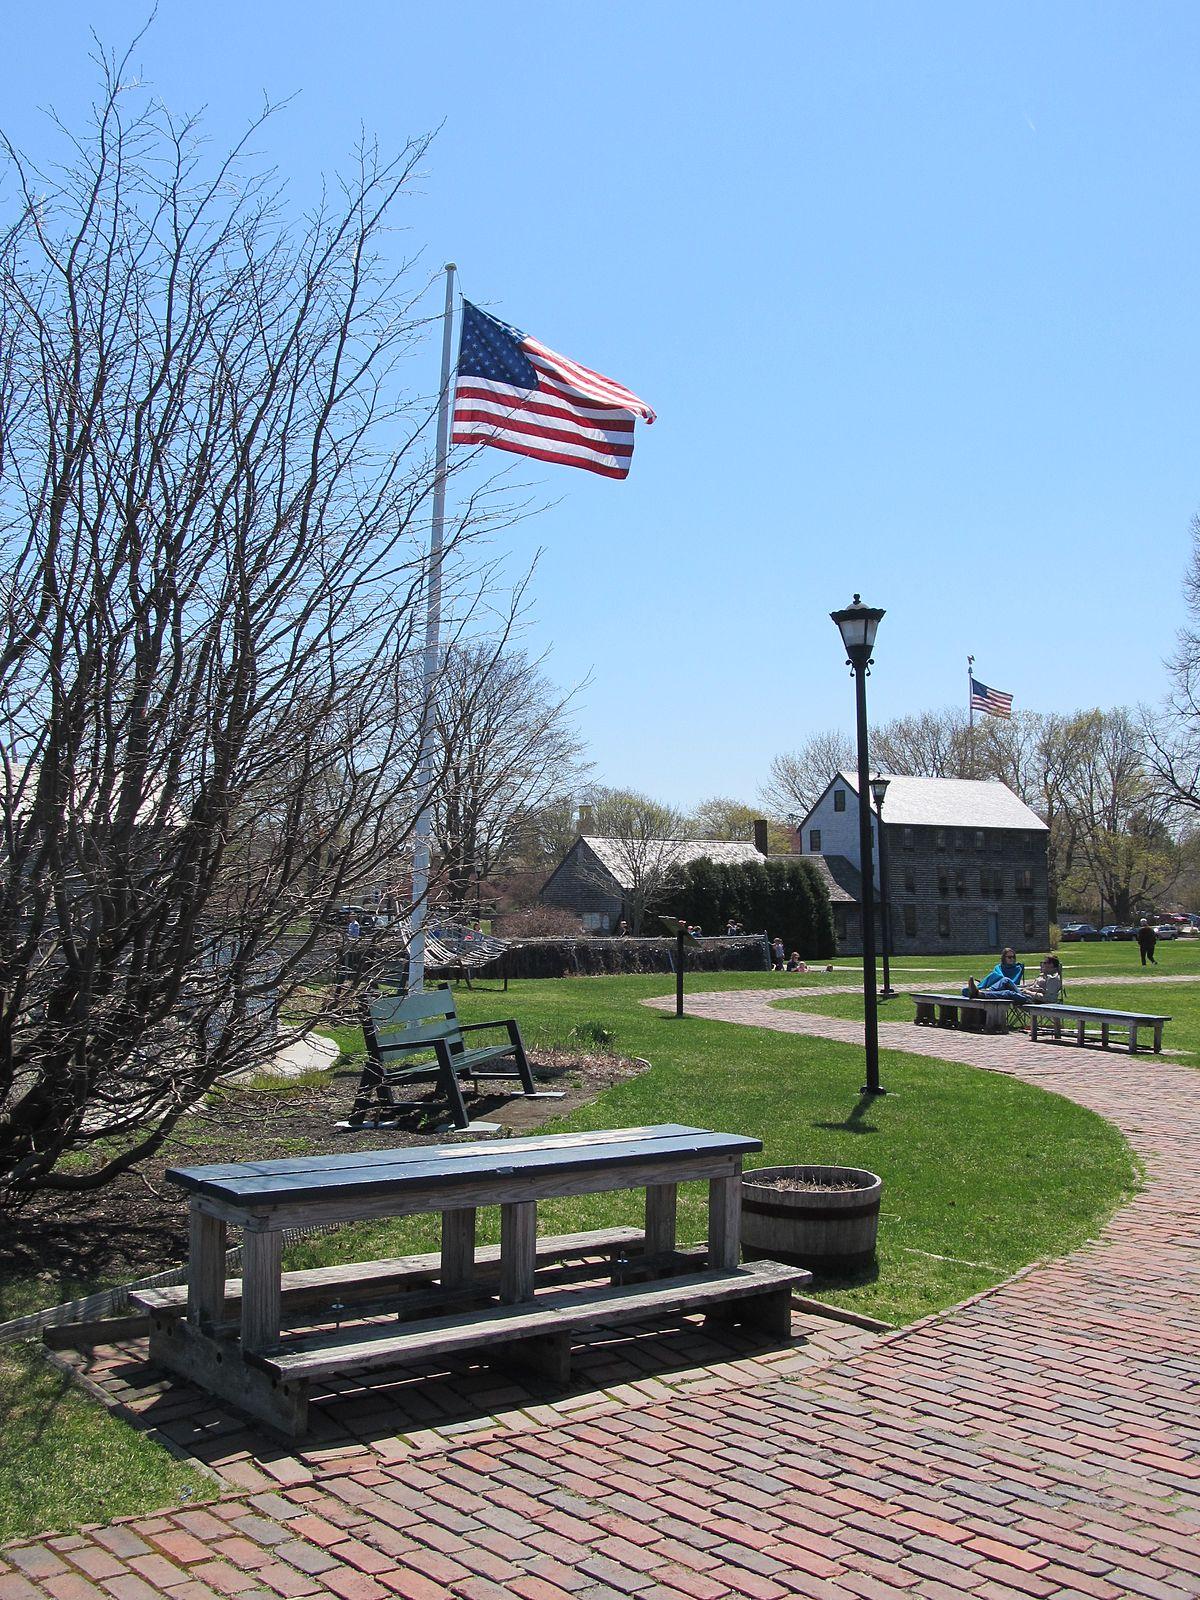 Prescott Park New Hampshire  Wikipedia